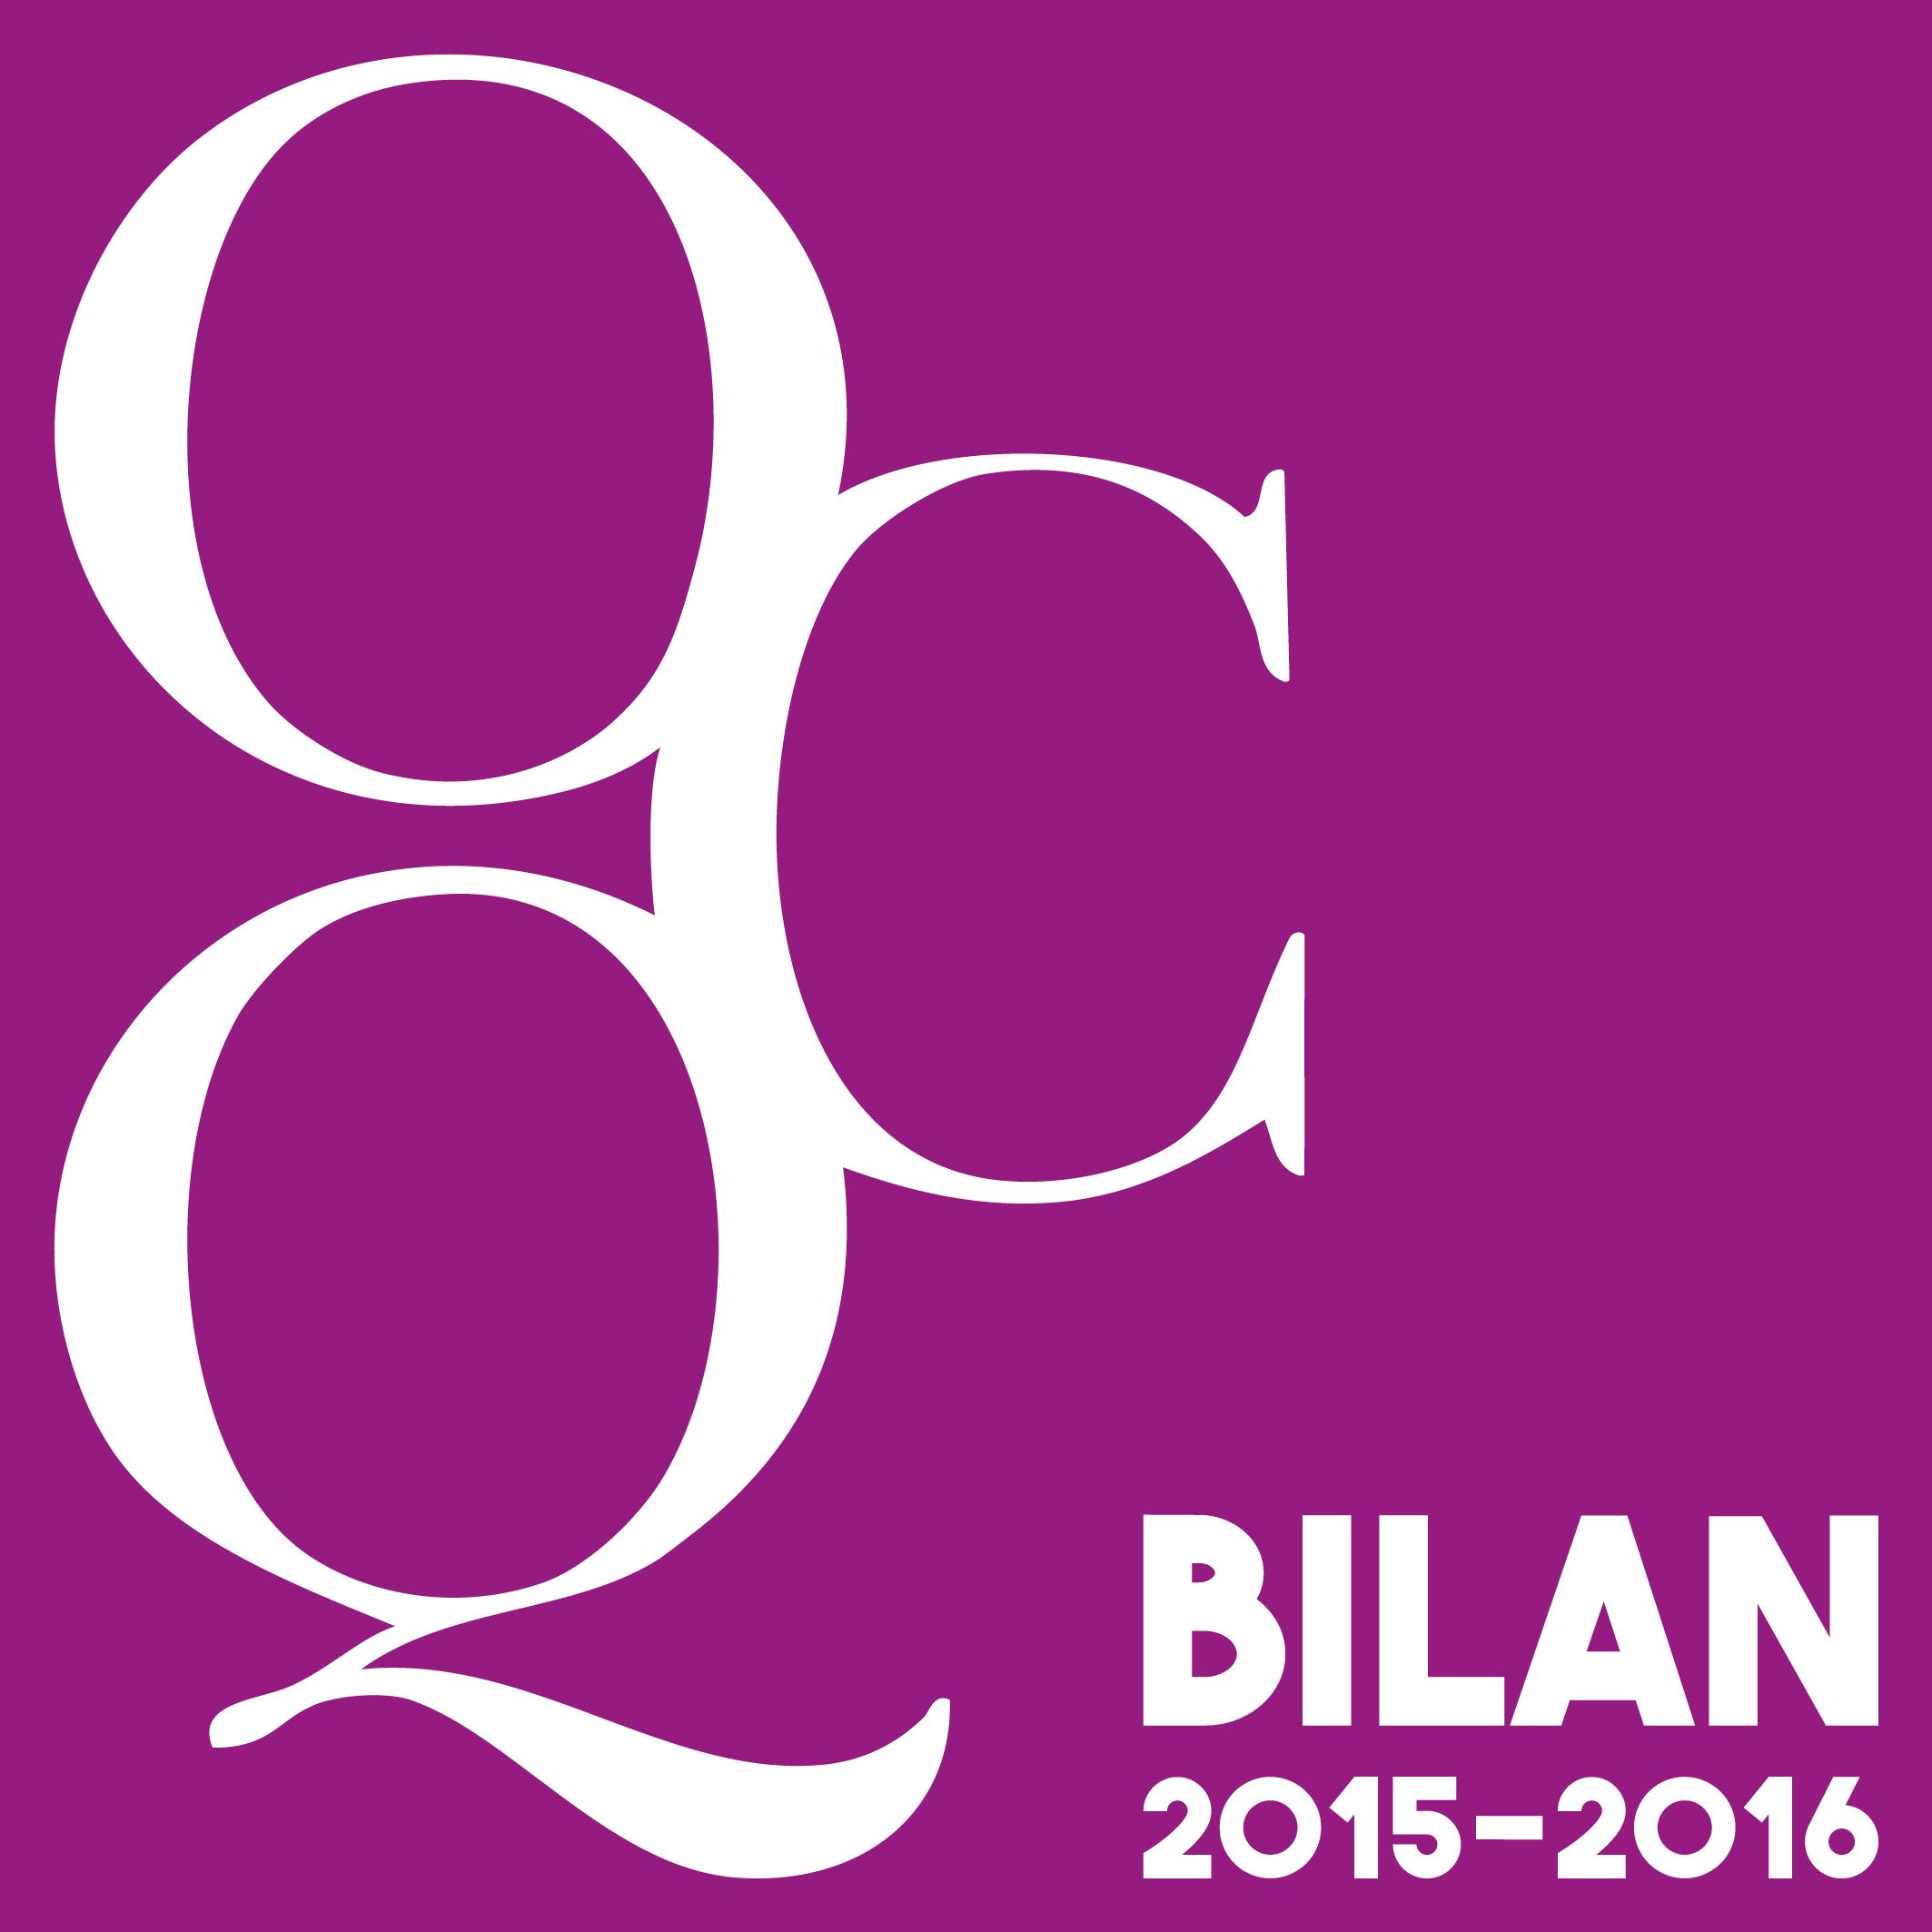 BilanOCQ201601